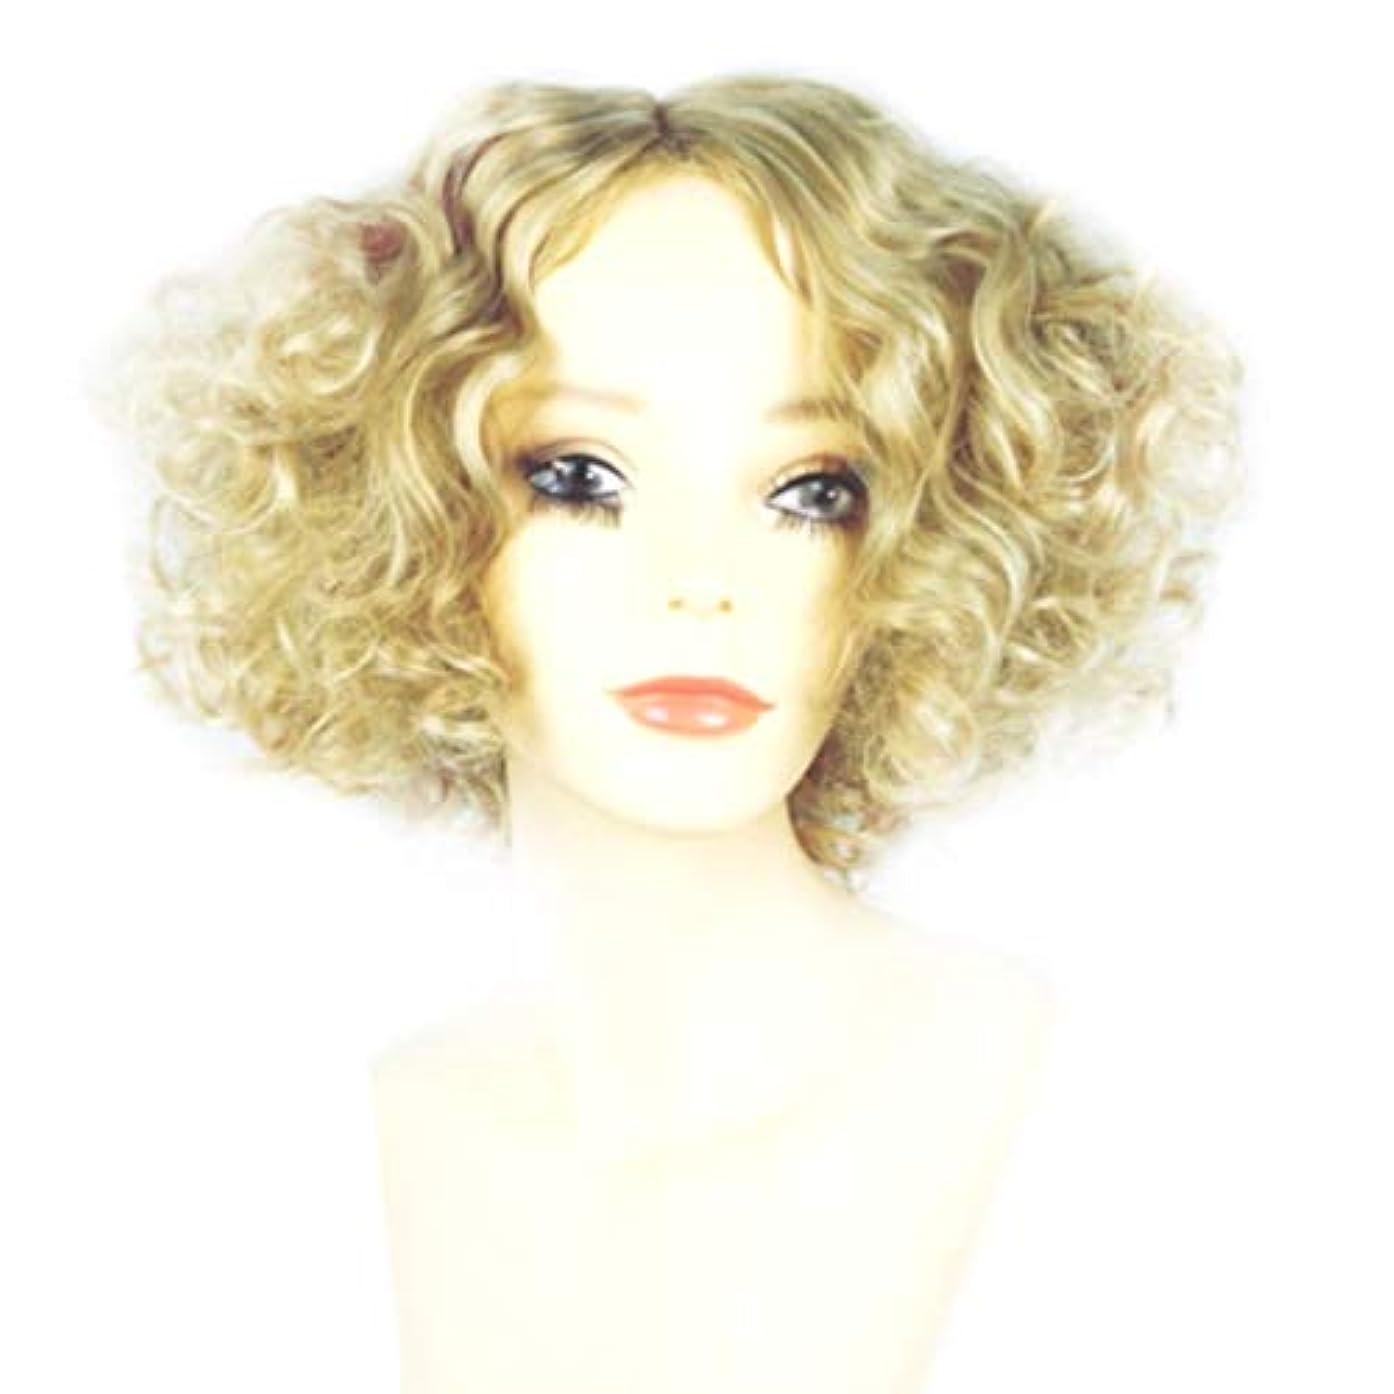 ミサイルビリーベッドを作るKerwinner 女性のための短い巻き毛のかつらブロンドのボブの髪かつら自然に見える耐熱合成かつら